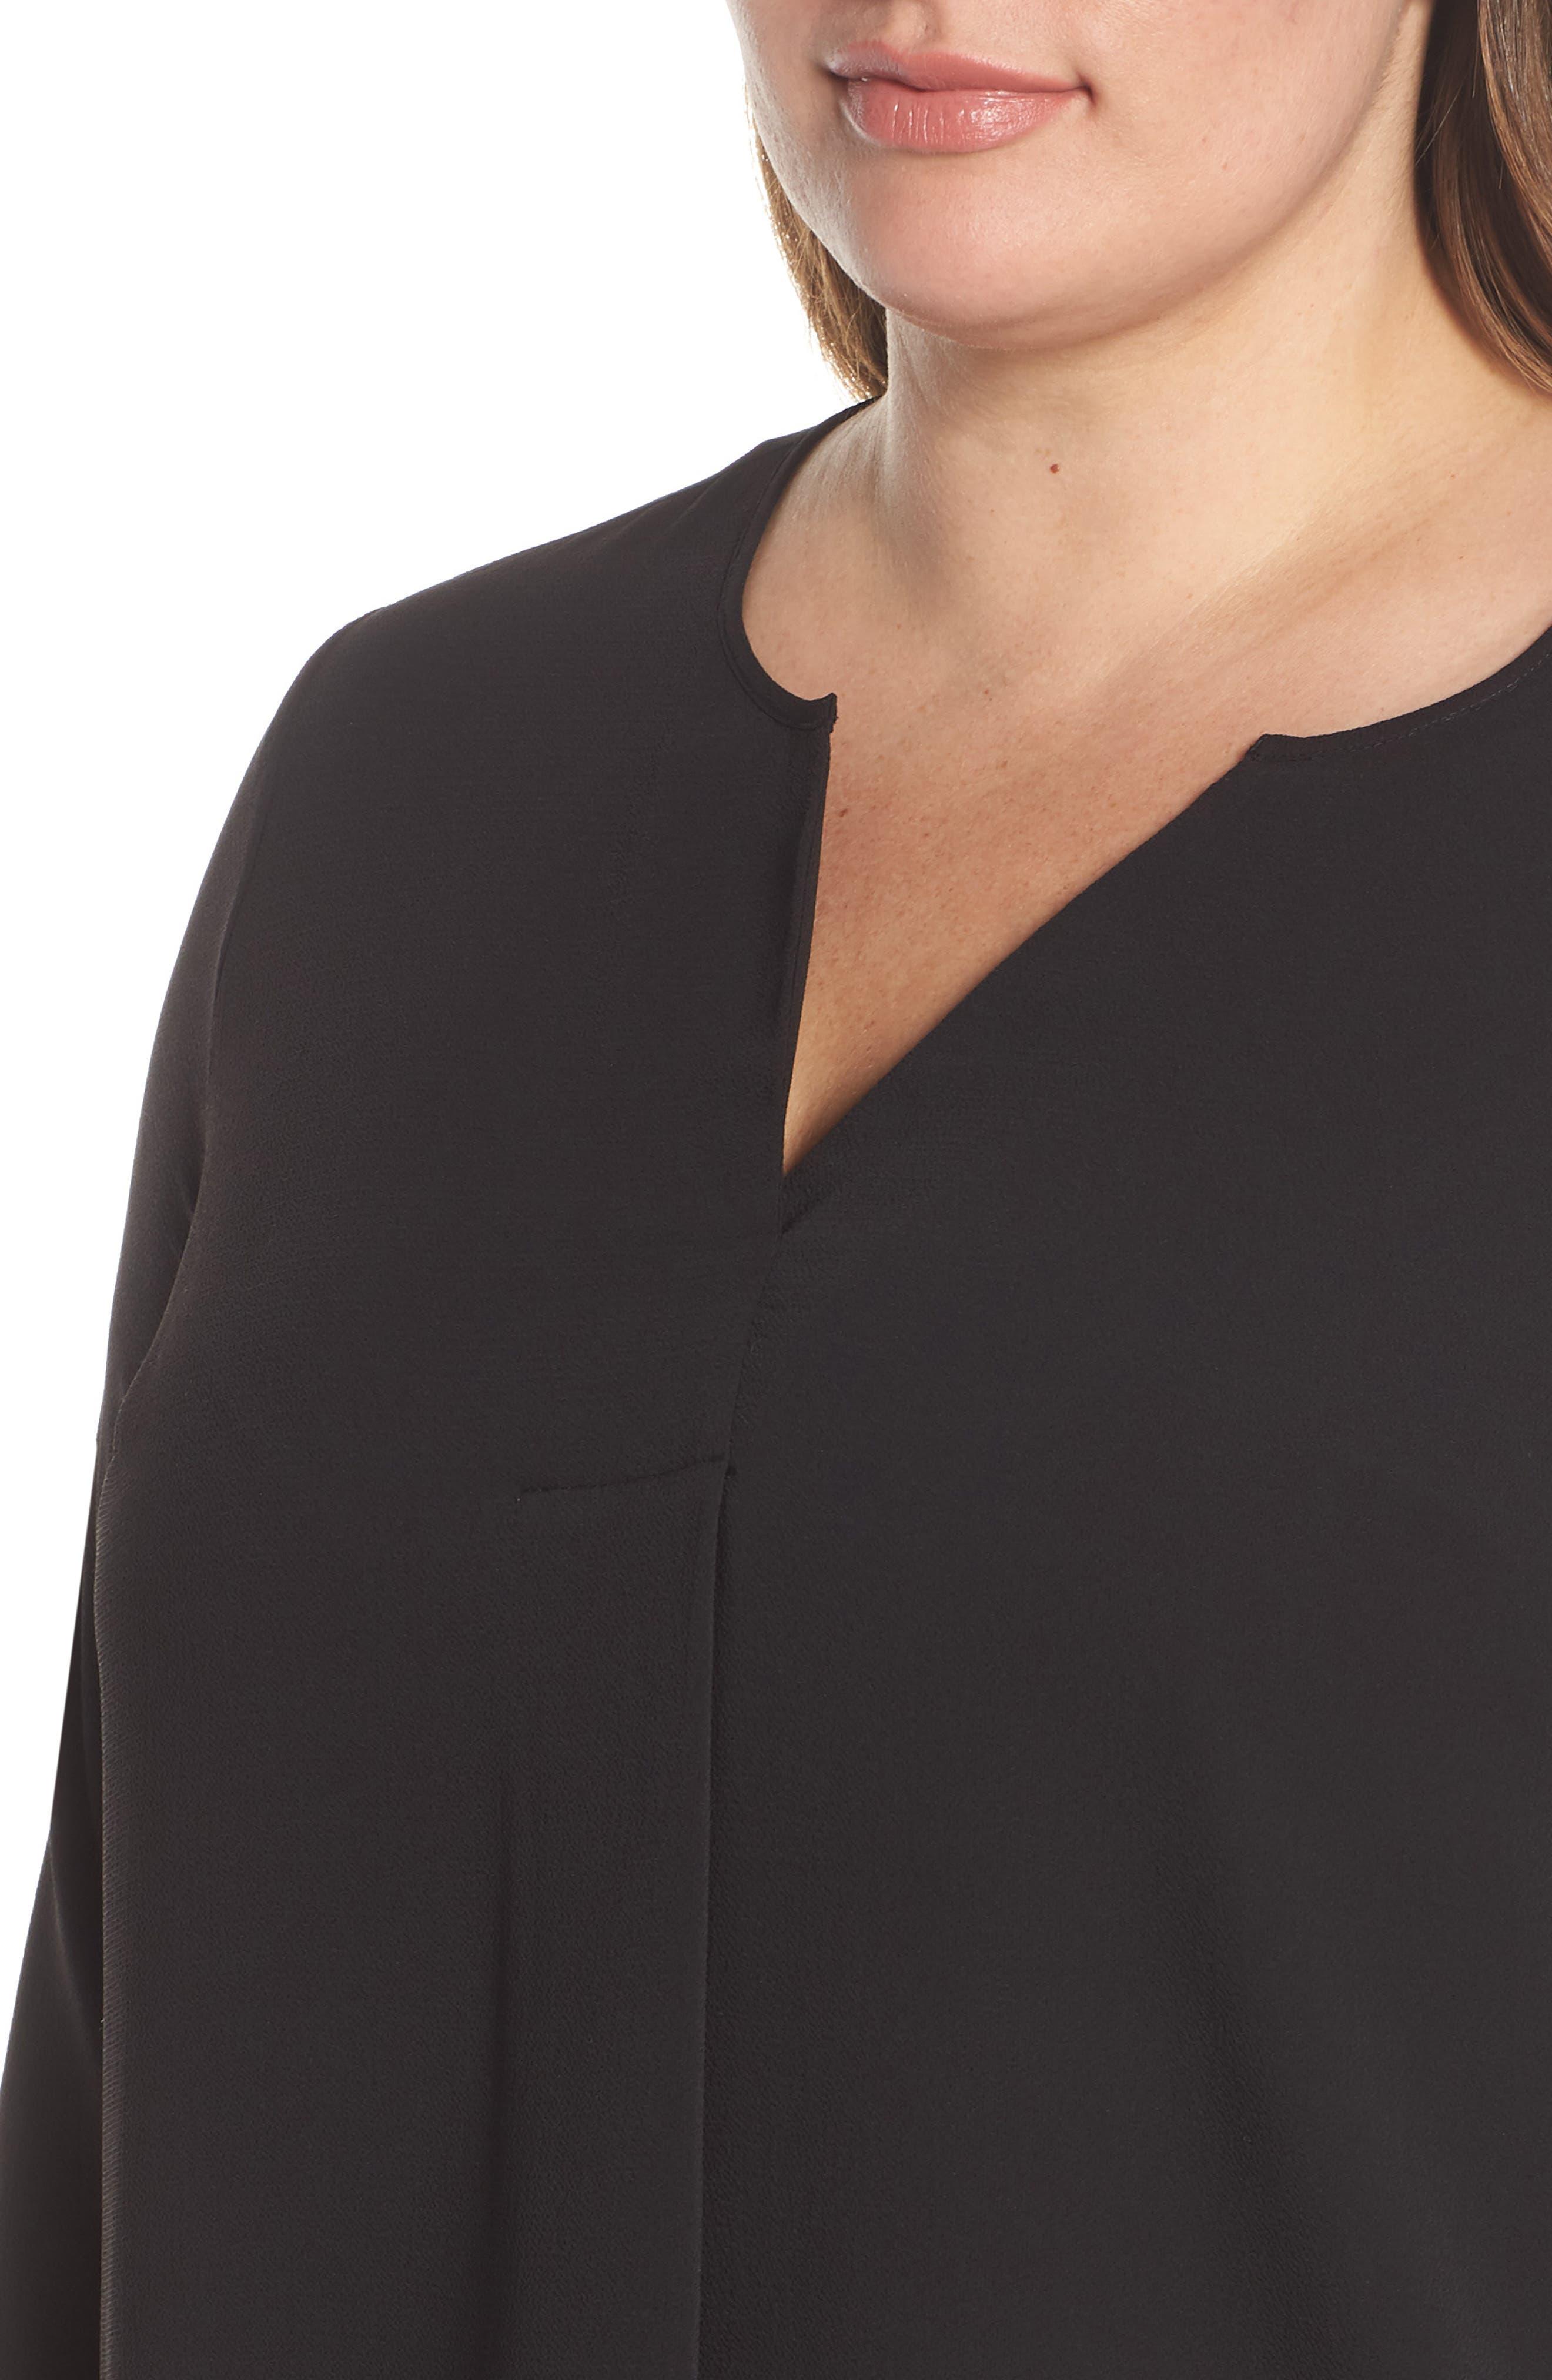 VINCE CAMUTO, Soft Texture Split Neck Tunic, Alternate thumbnail 4, color, RICH BLACK